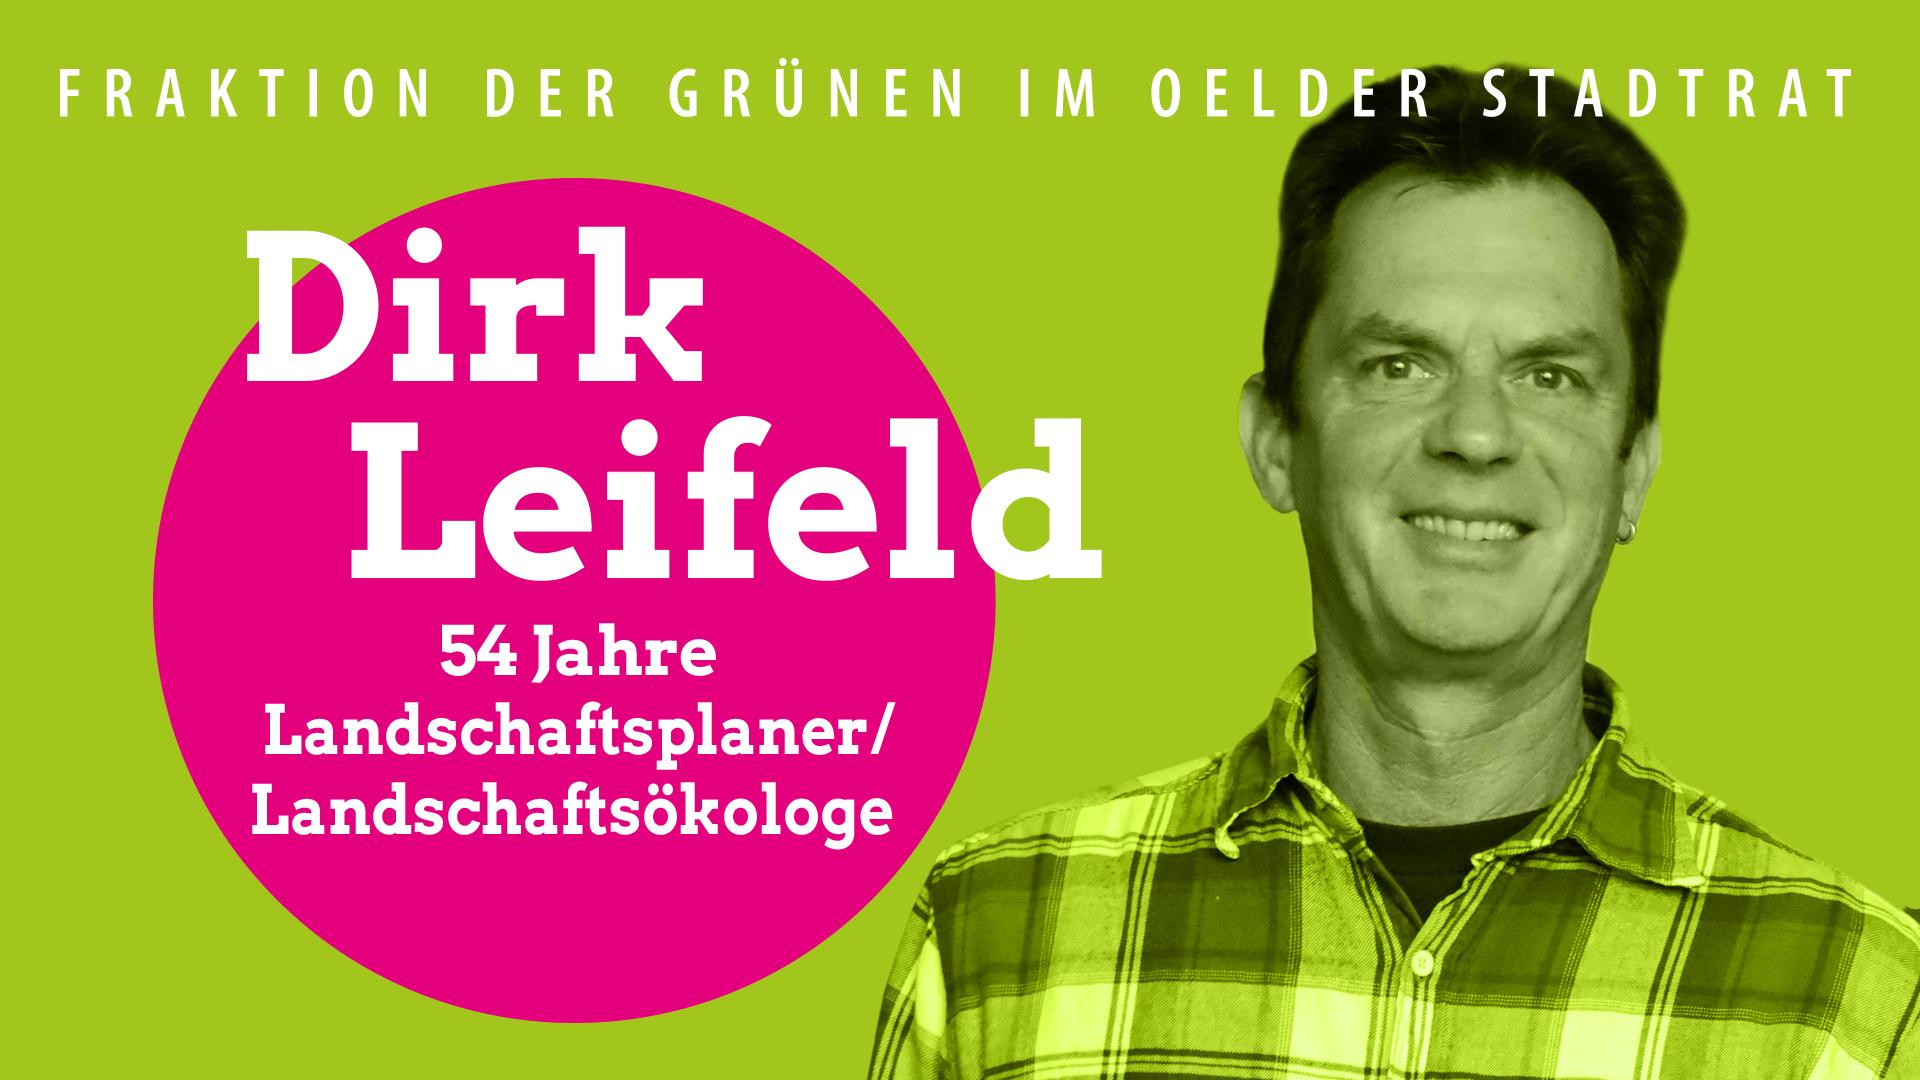 Vorstellung unseres Ratsteams – Dirk Leifeld